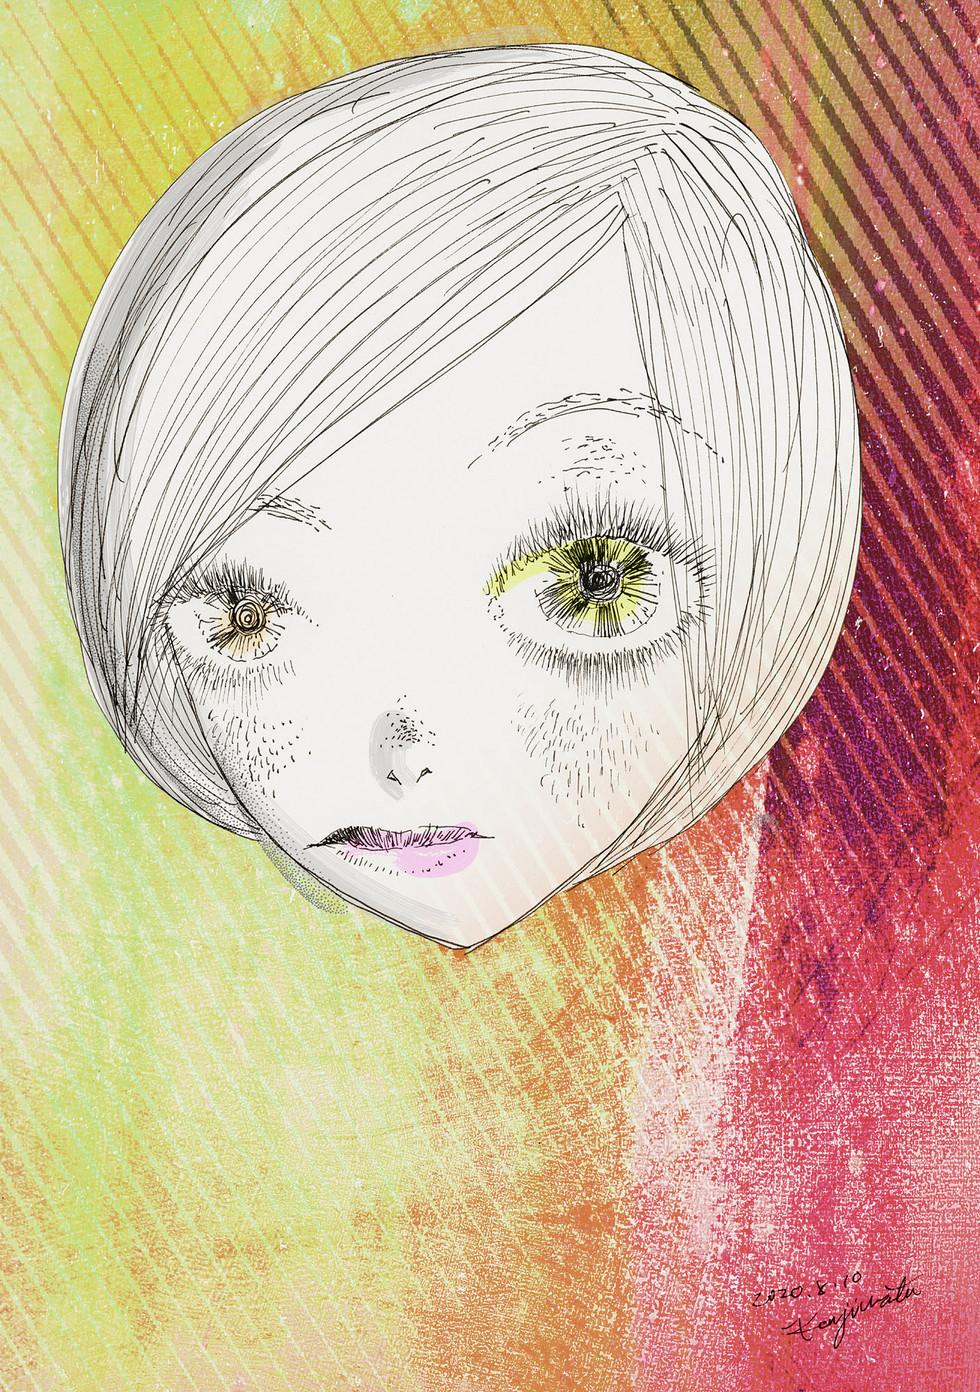 浦田健二 04「FACES」